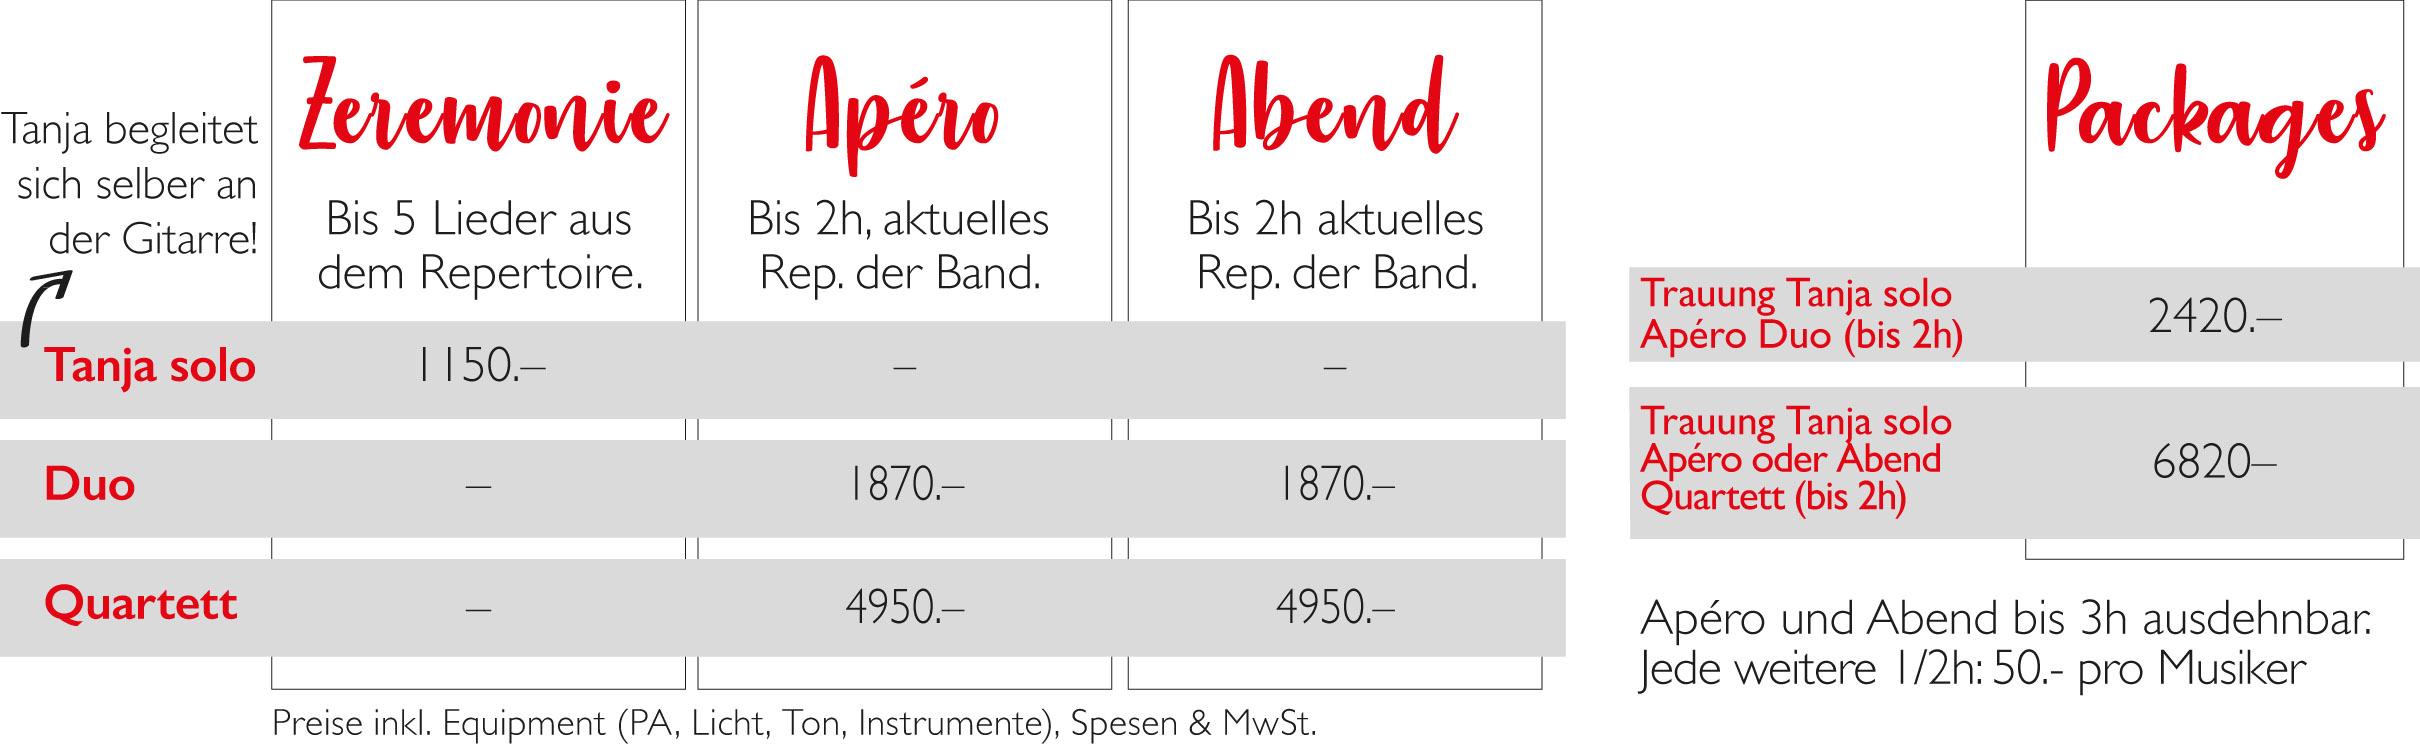 Preise Hochzeitsband Schweiz